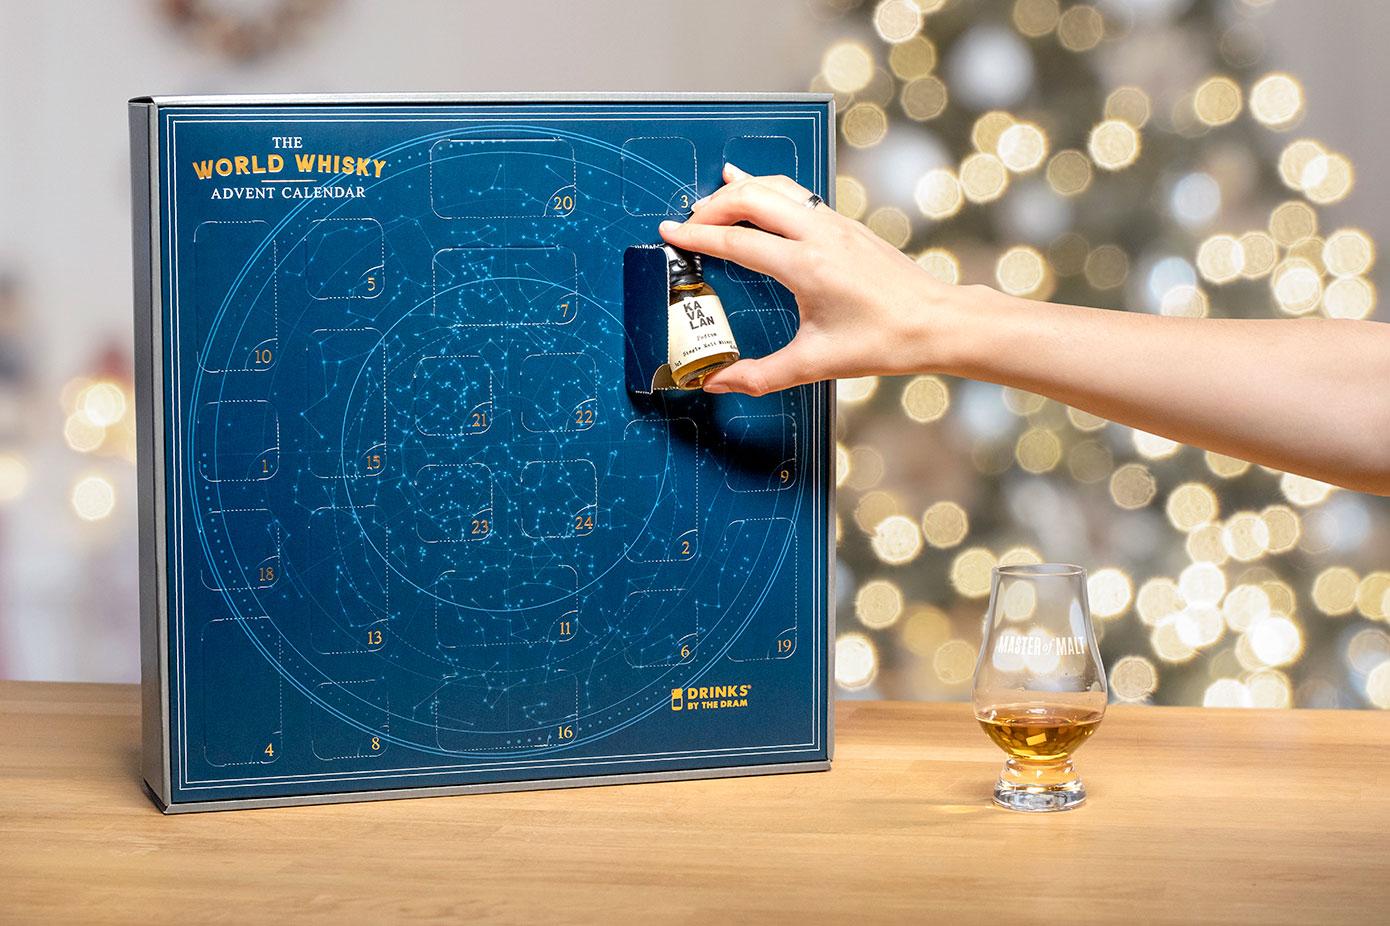 World Whisky Advent Calendar